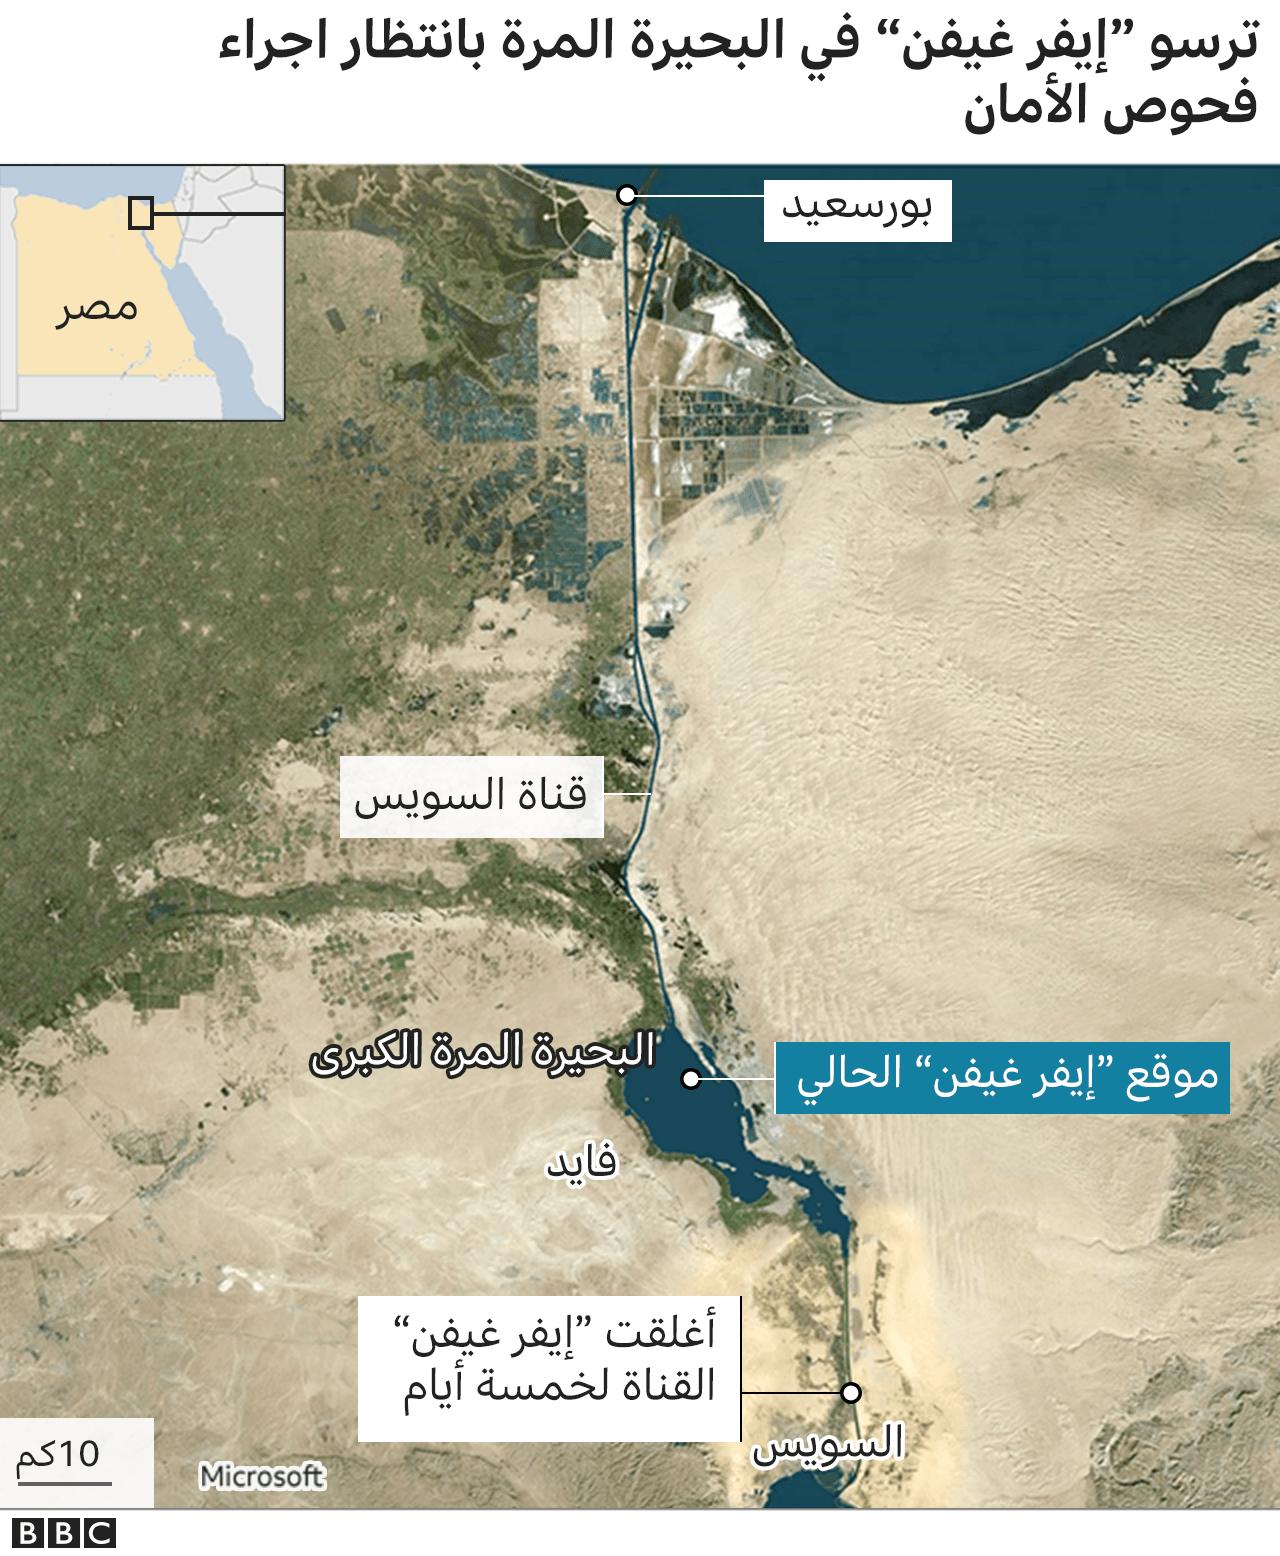 خريطة لموقع القناة